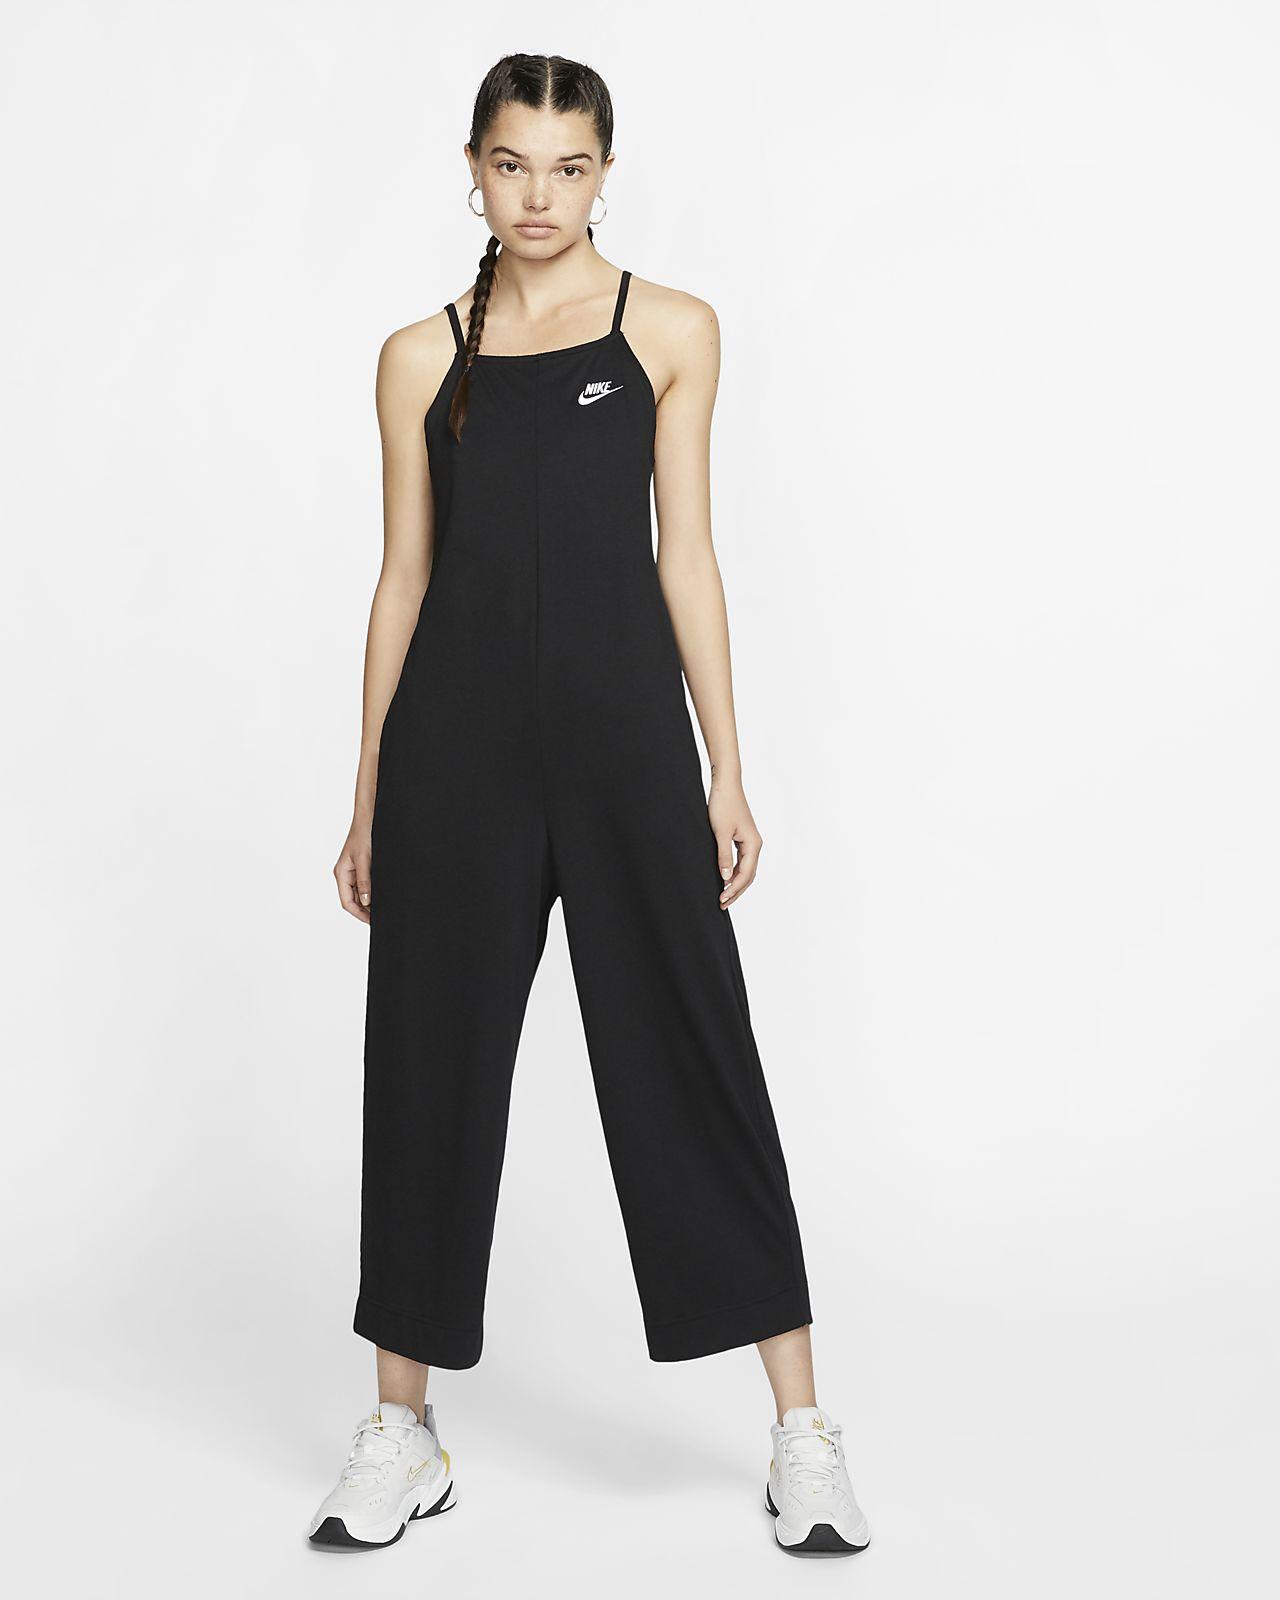 Nike Sportswear Damen-Jumpsuit